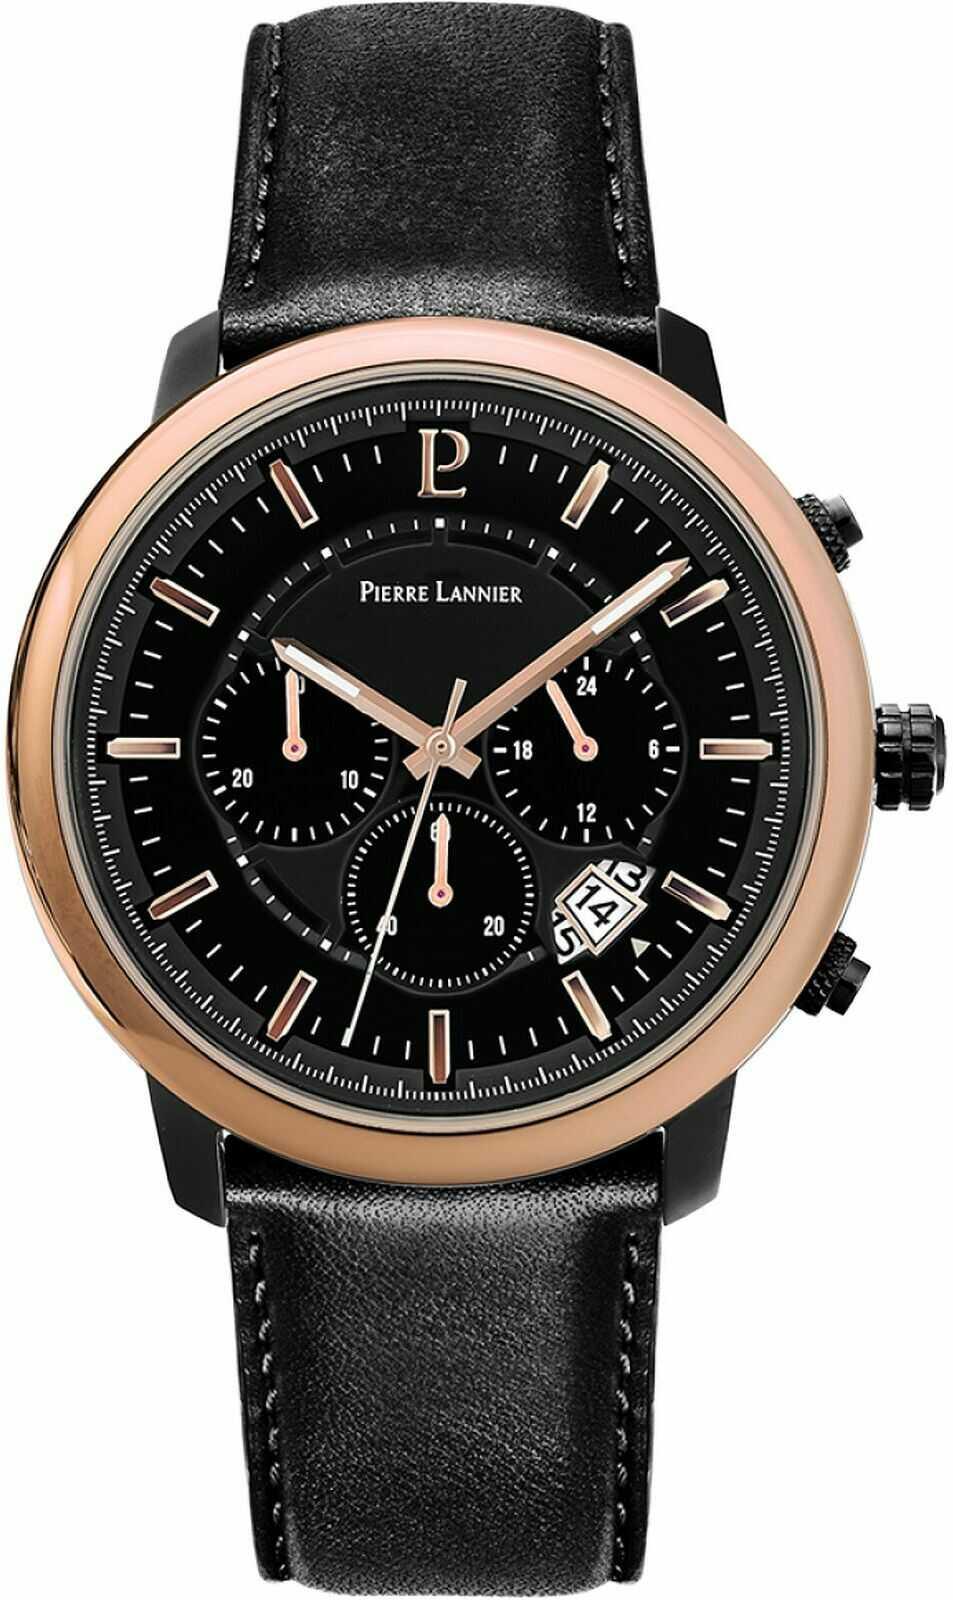 Zegarek męski Pierre Lannier Impulsion Chronograph